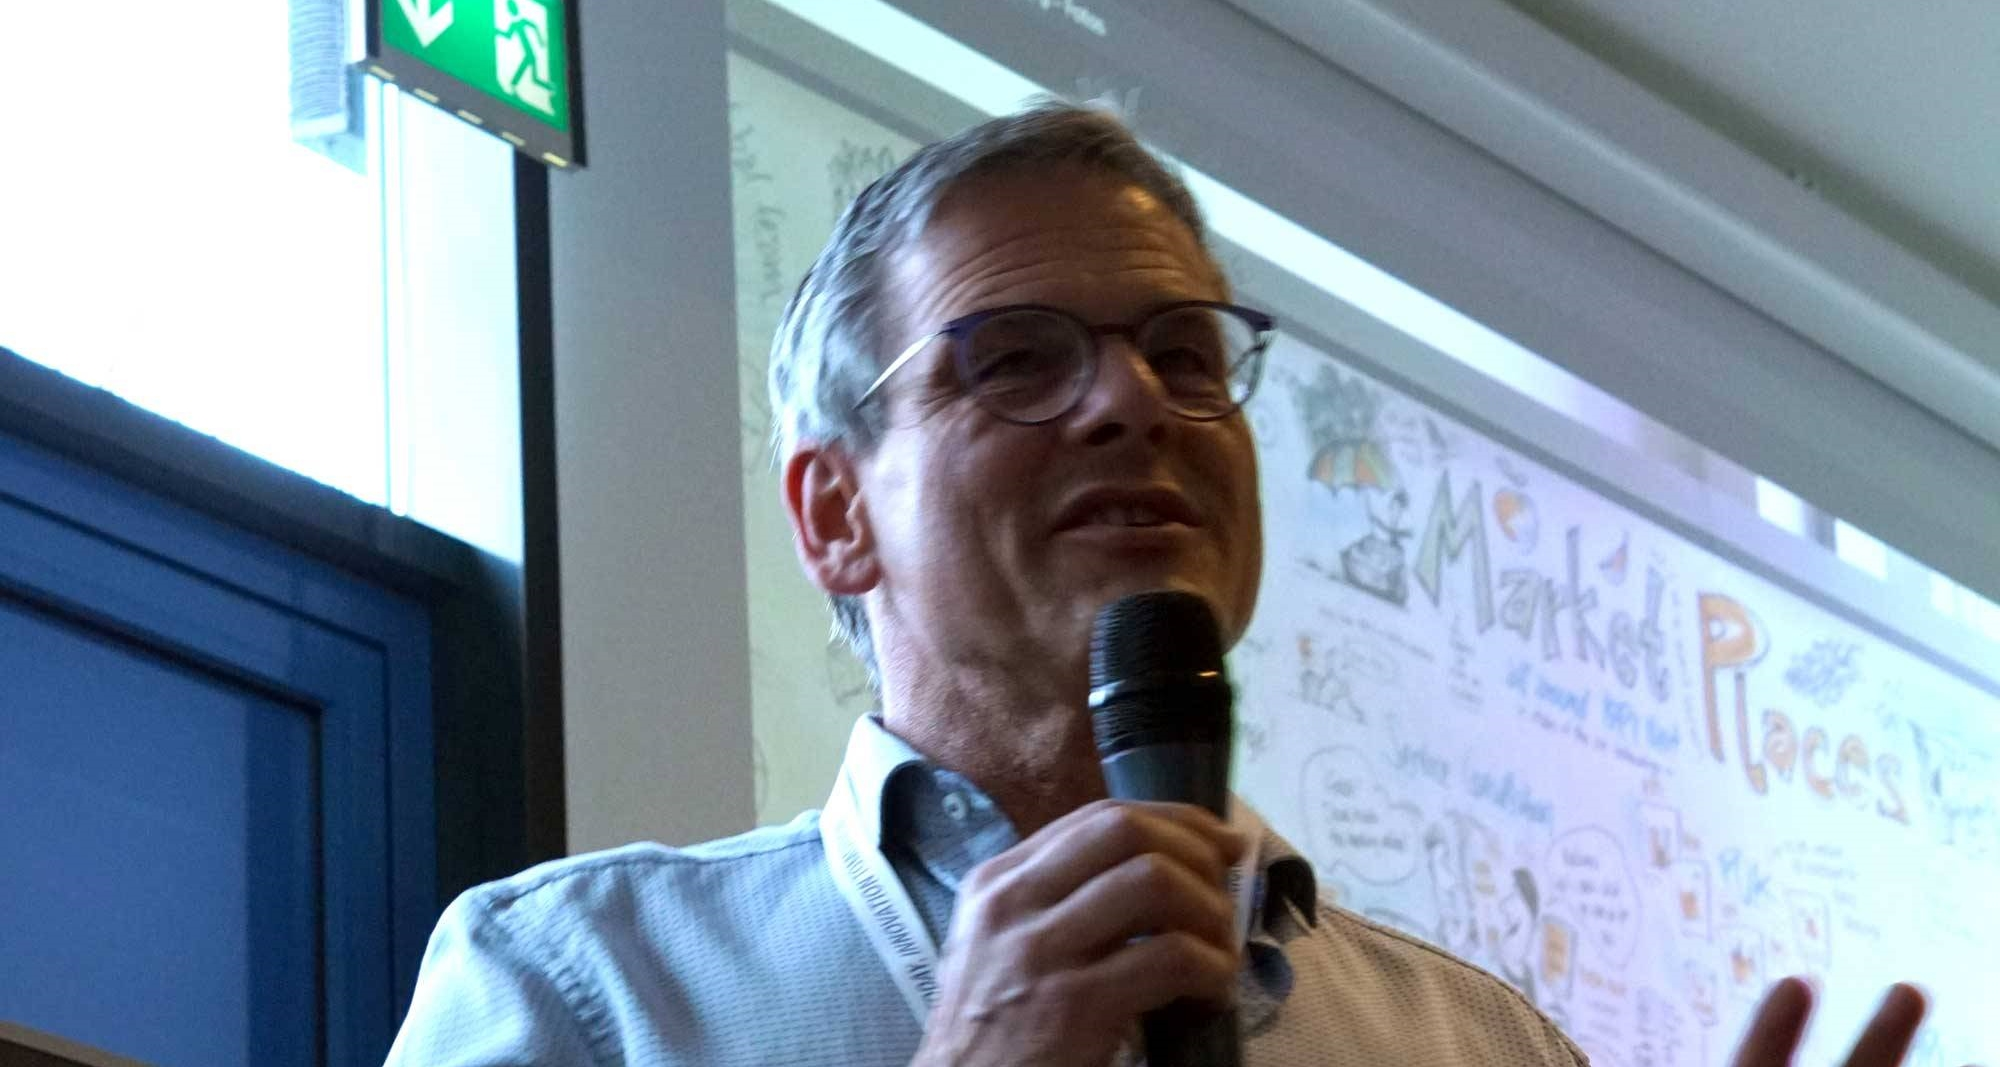 Wolfgang-Irber-erklärt-sein-Bild